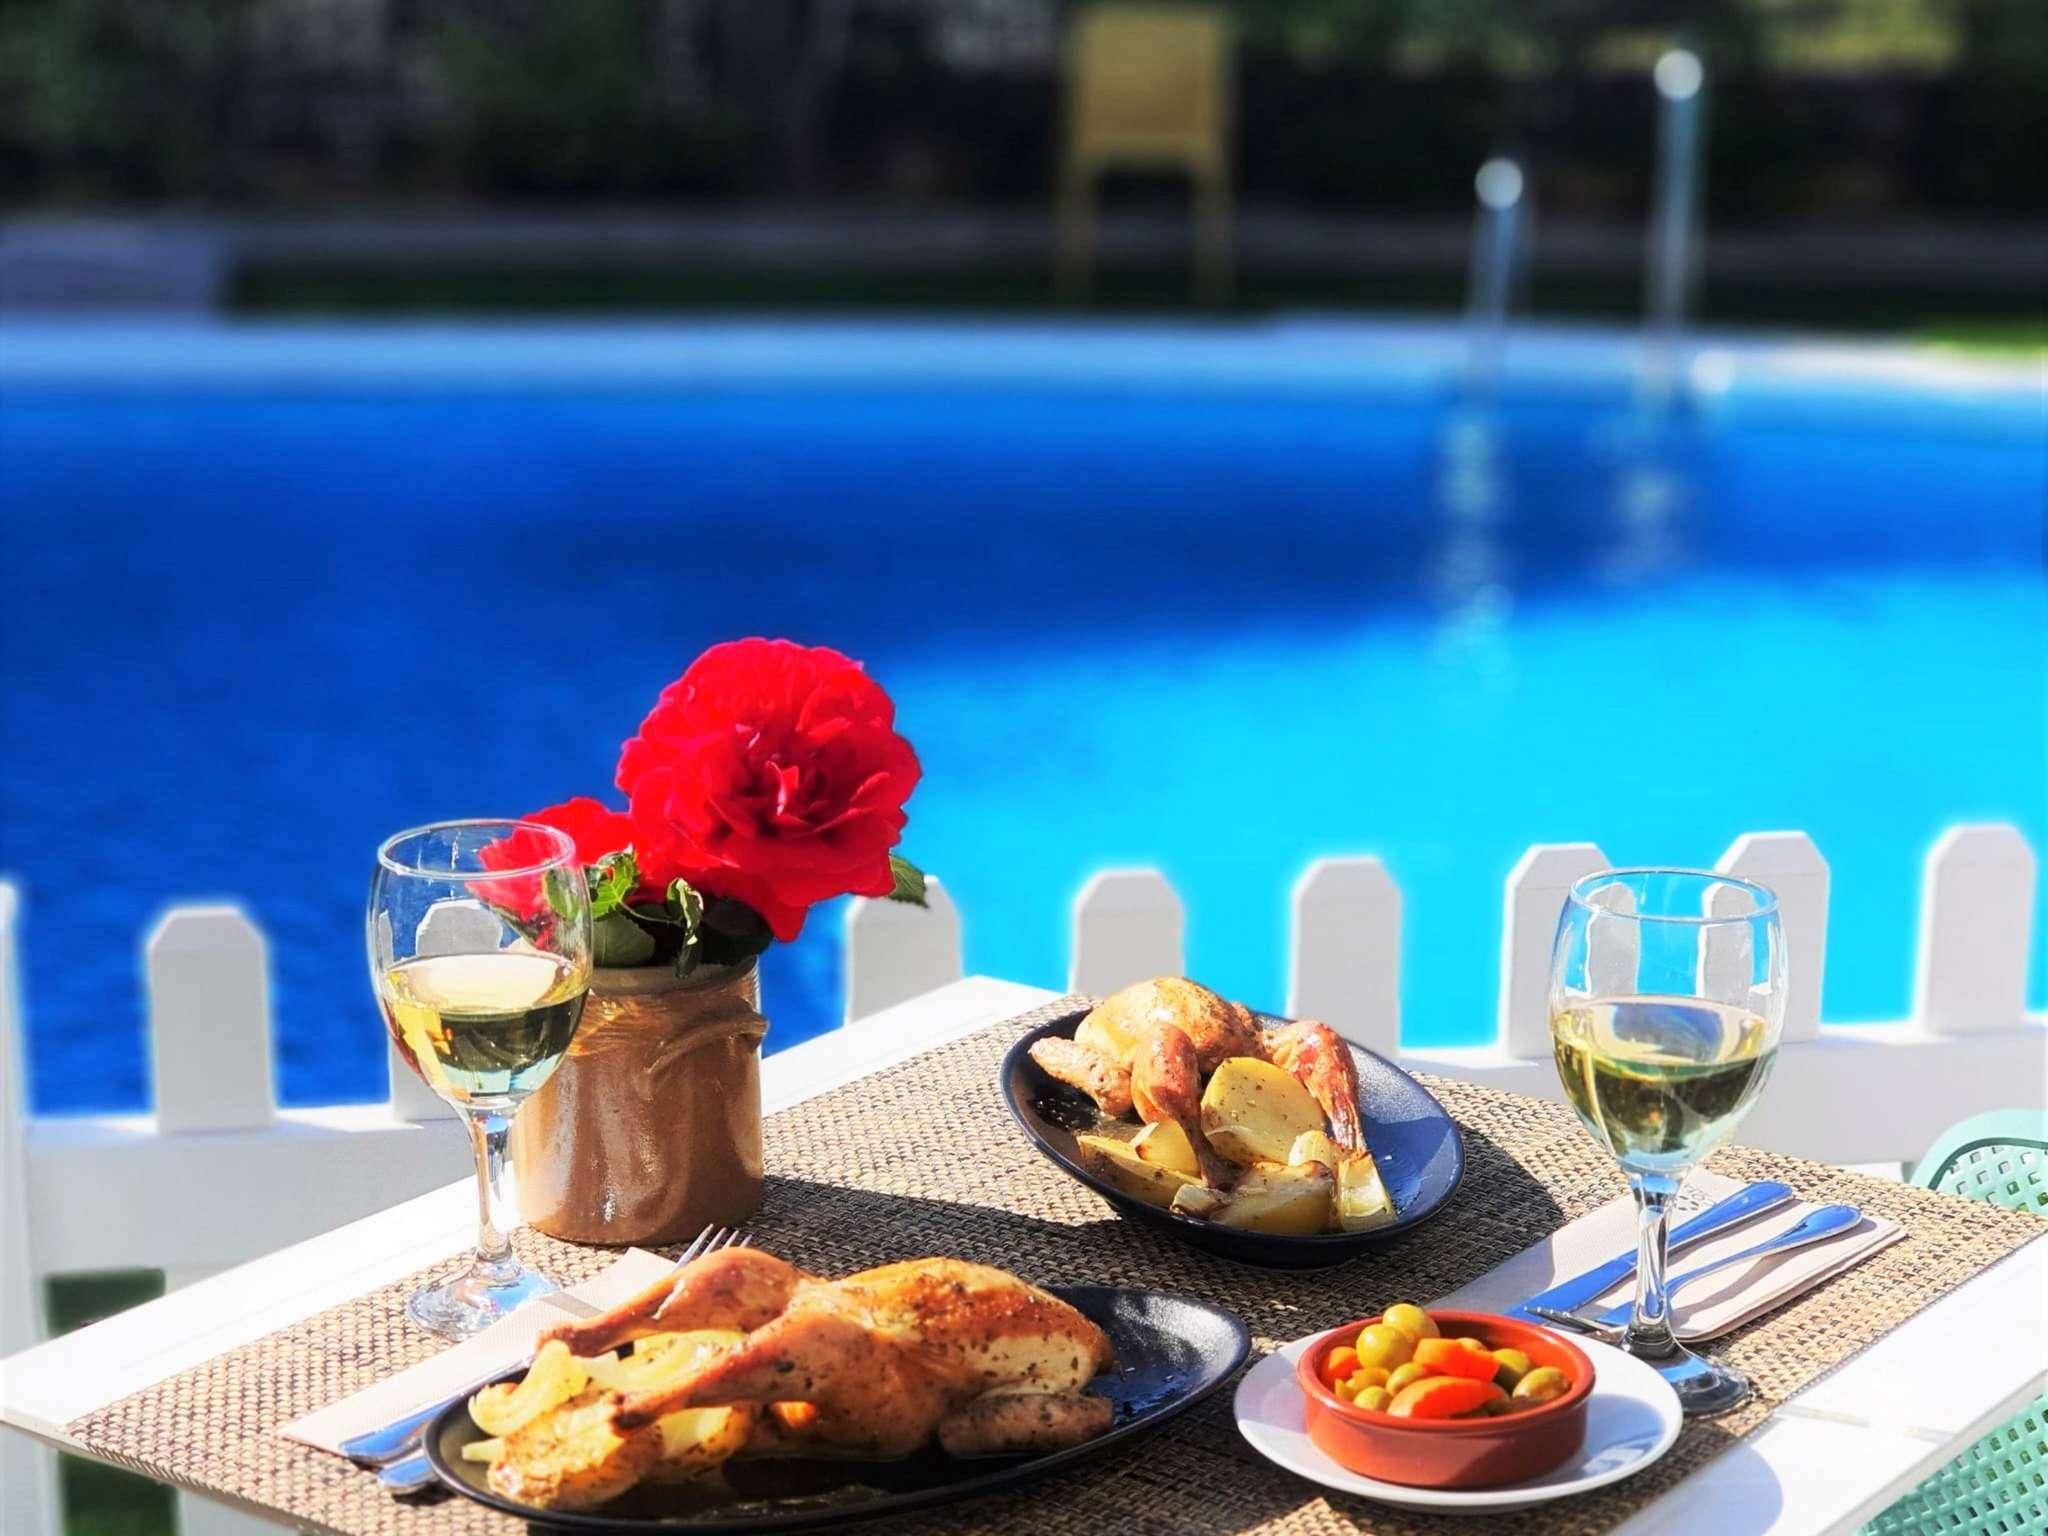 Reservieren Sie Ihr Preisgünstiges Hotel Ibis In Jerez De La Frontera